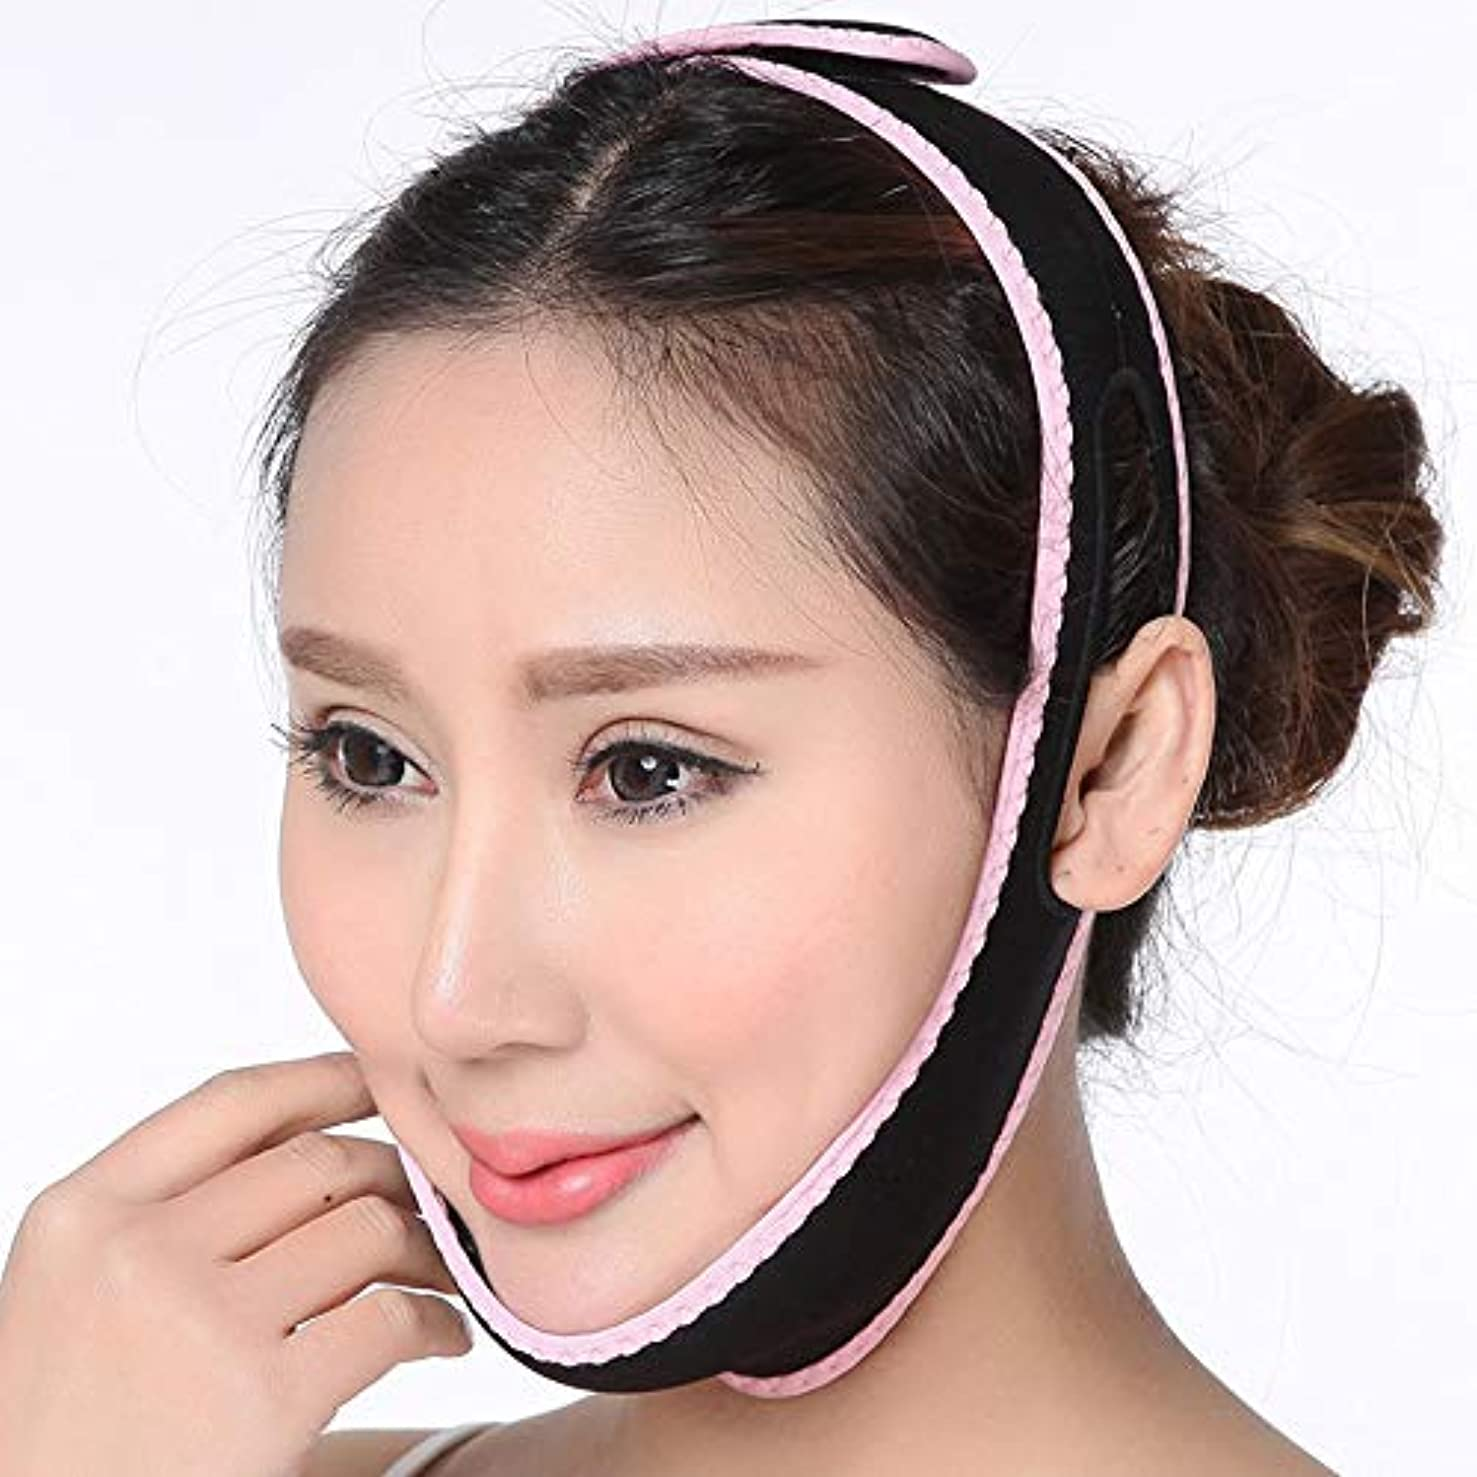 収益理論的放牧する顔面持ち上げ器具、vフェイス、顔持ち上げ包帯、ハーフパッケージマスク、持ち上げと締め付け、ユニセックス